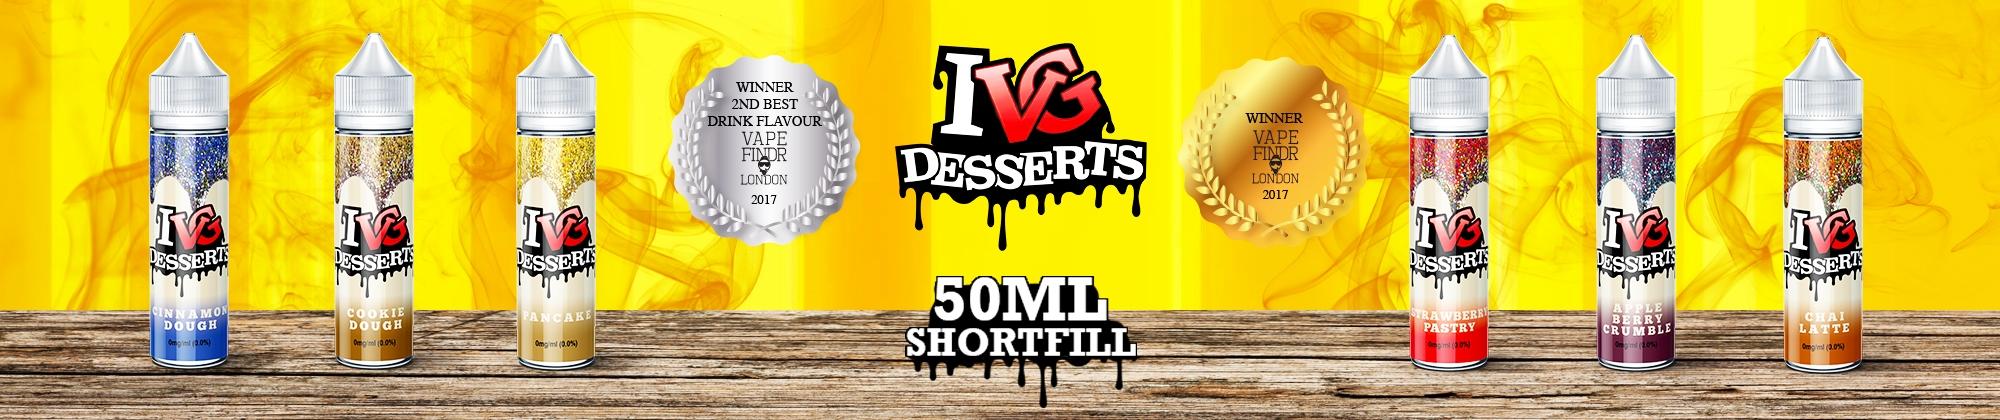 I Love Desserts